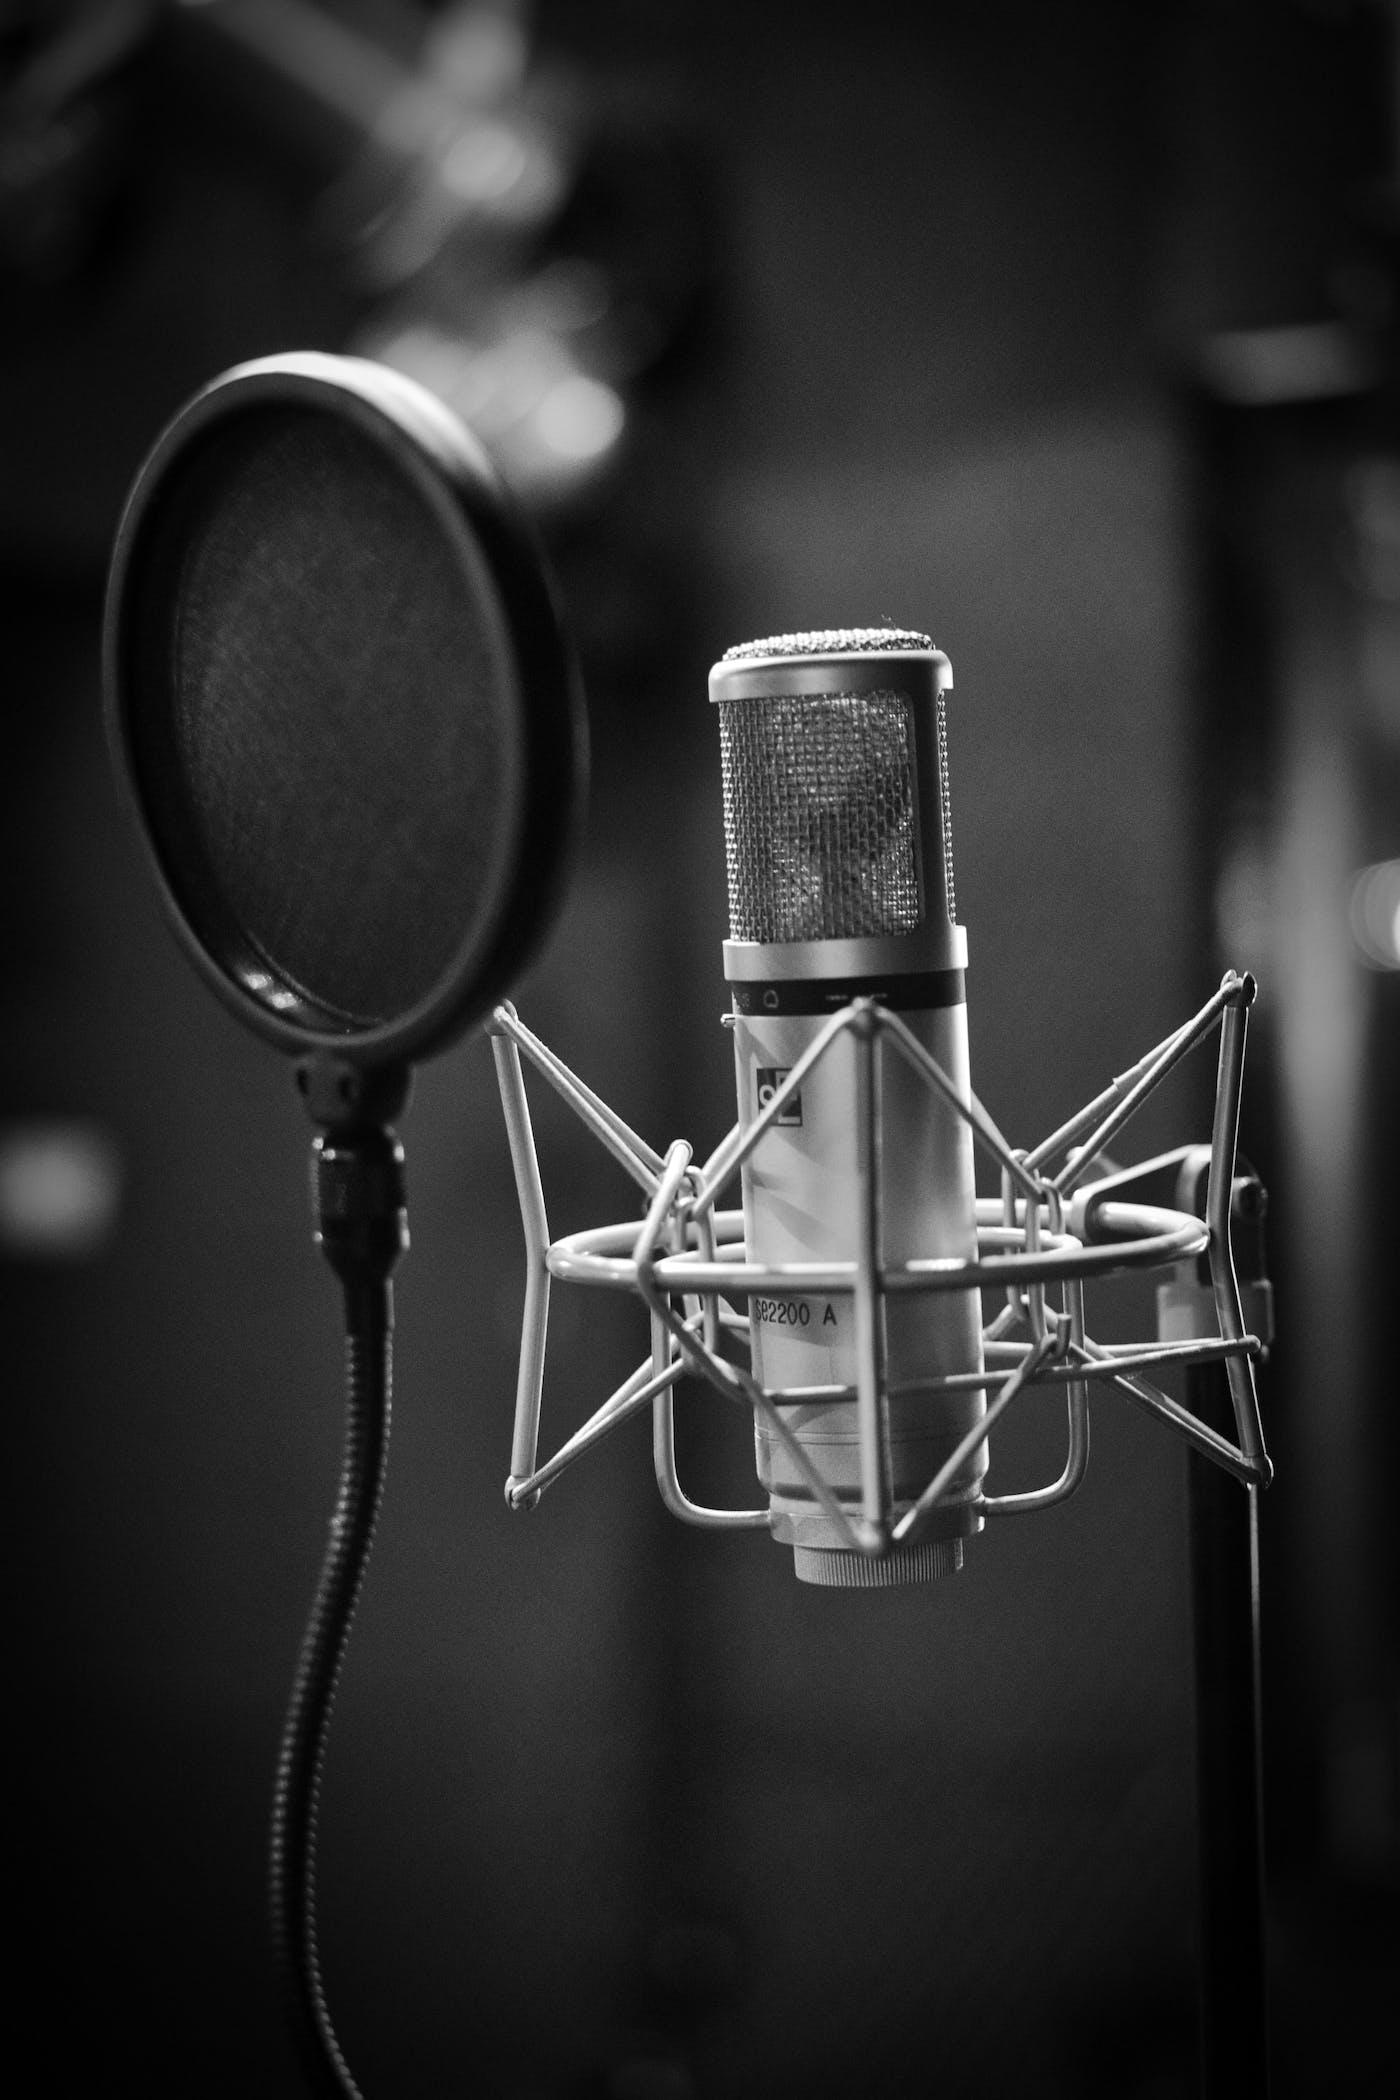 Recording Great Audio into Adobe Premiere Pro